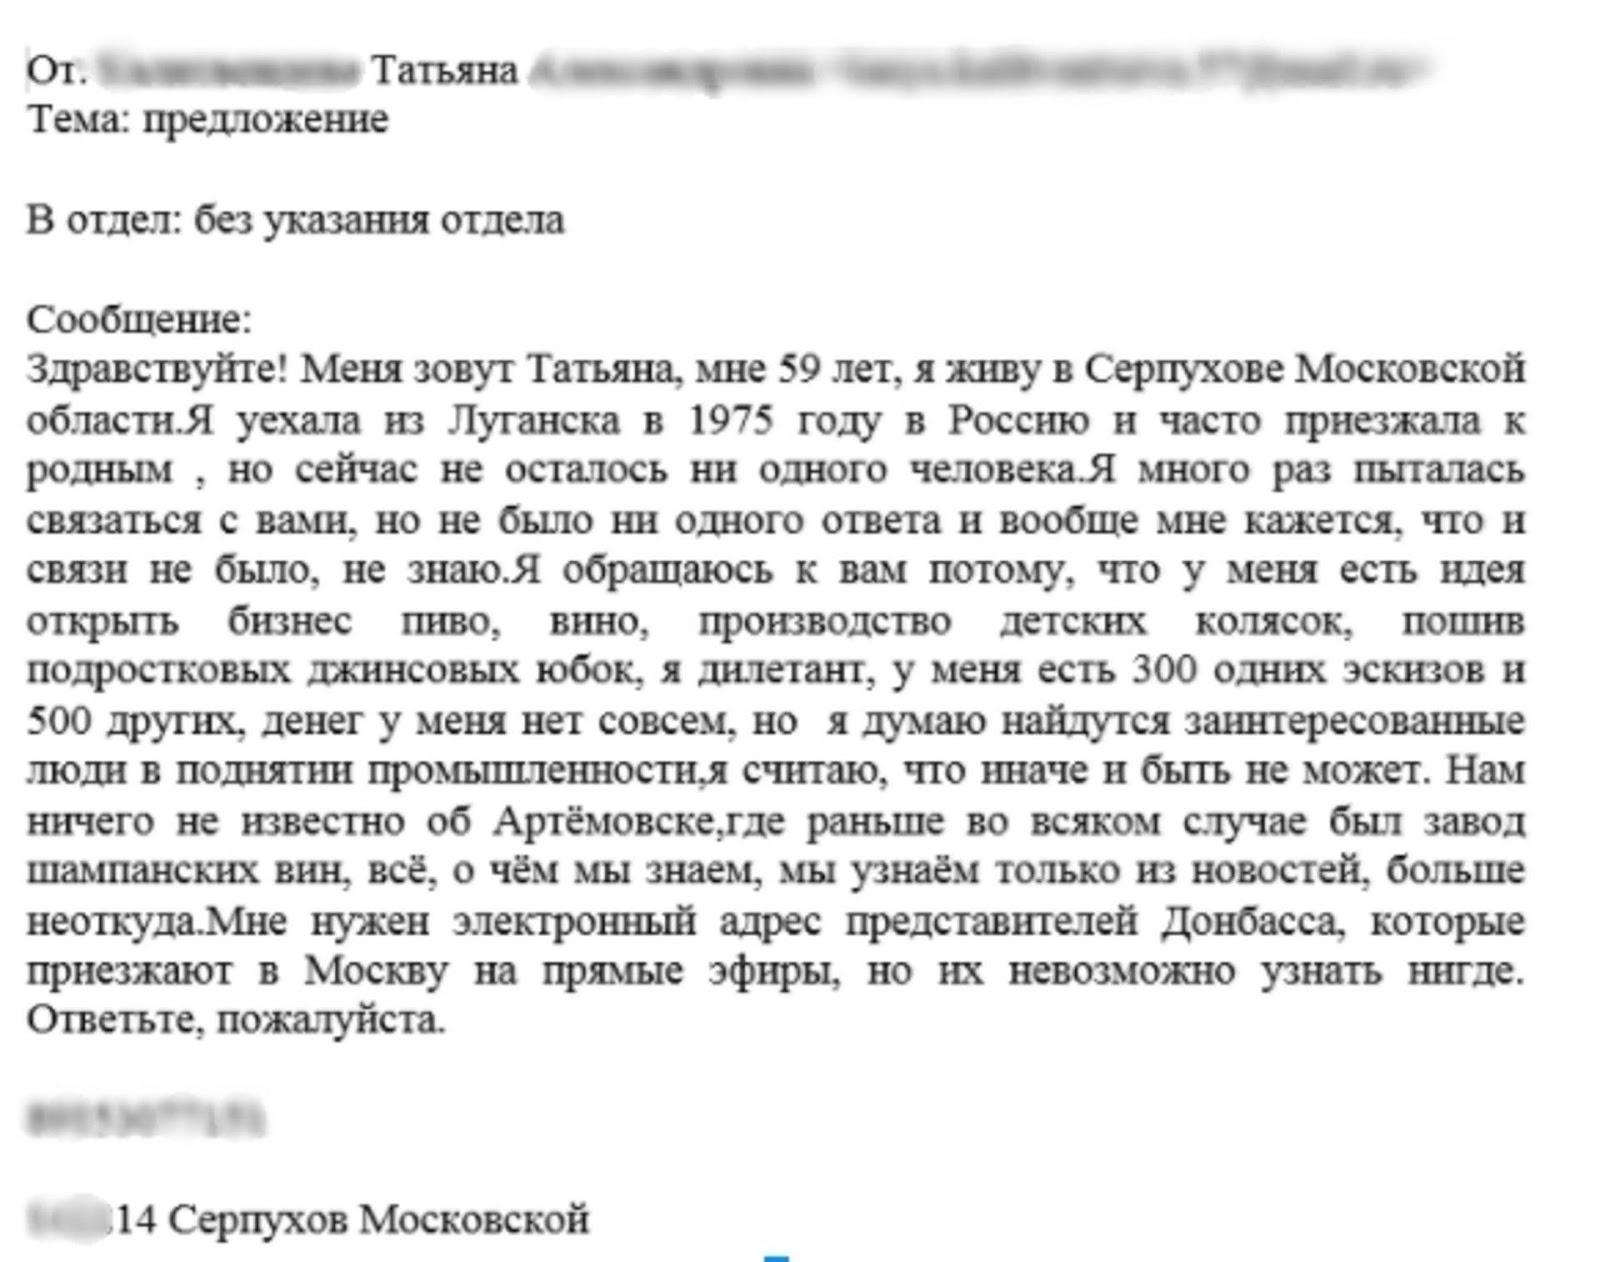 https://s3-eu-central-1.amazonaws.com/hromadske-ru/pictures/files/000/002/675/original/2f0e927de61e34dc152f795f4ecd35ca.jpg?1498247588